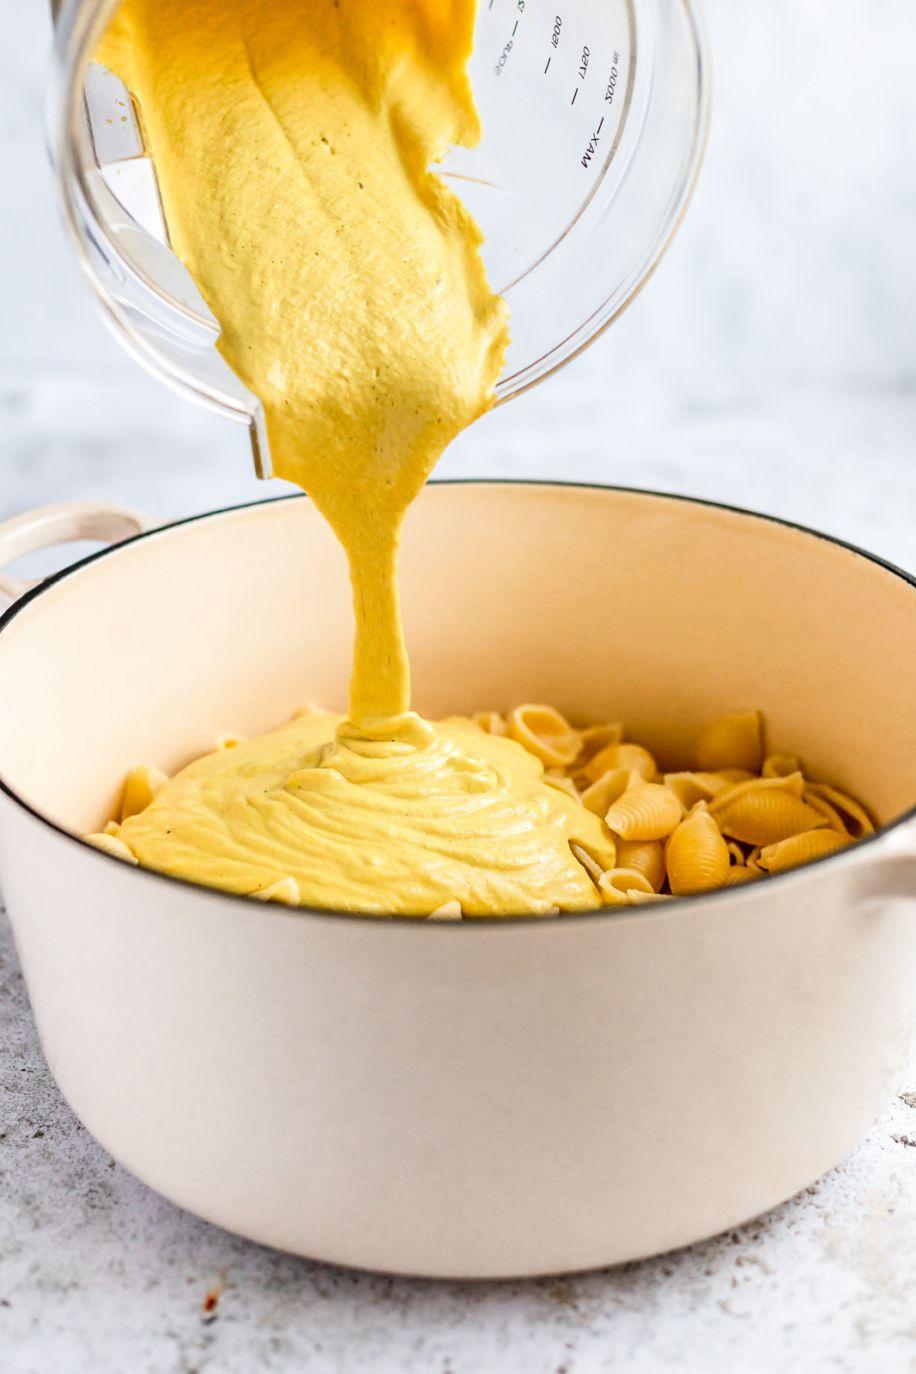 How To Make Vegan Cashew Cheese Sauce Ambitious Kitchen Recipe In 2020 Vegan Cashew Cheese Vegan Cheese Sauce Recipe Cashew Cheese